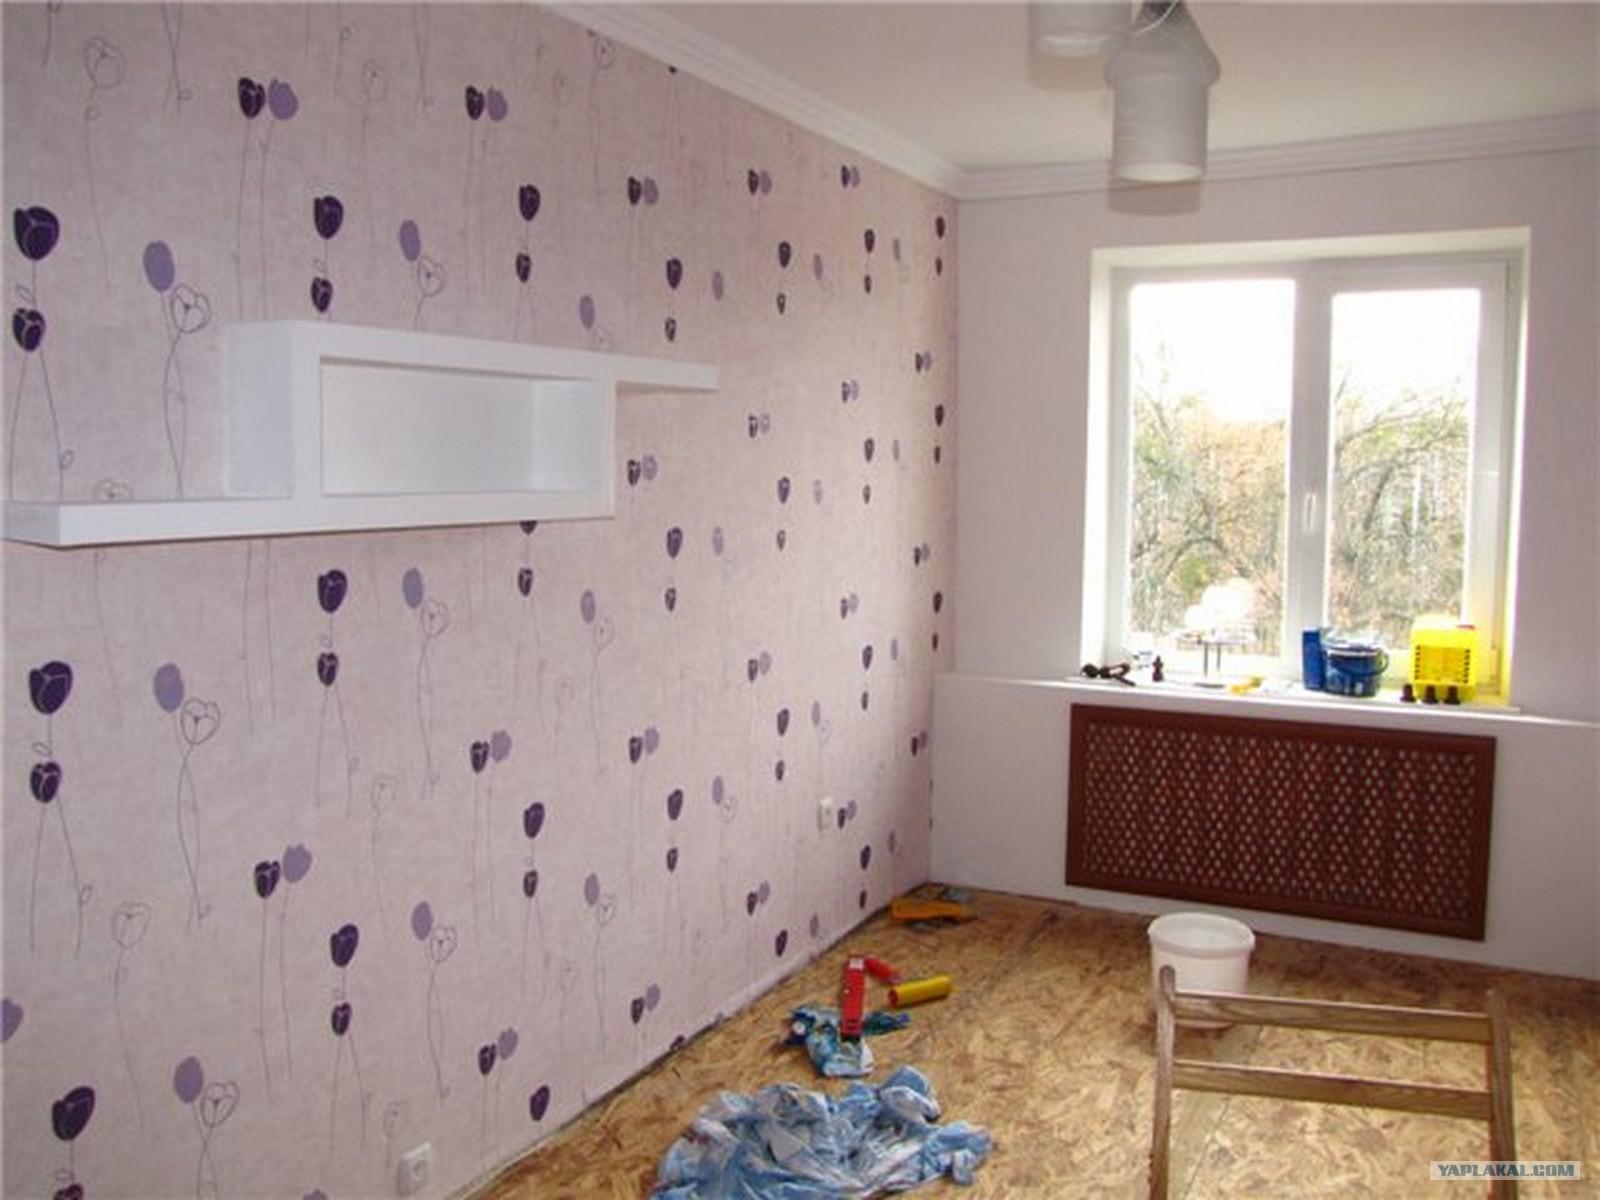 Дизайн обоев в квартире хрущевке